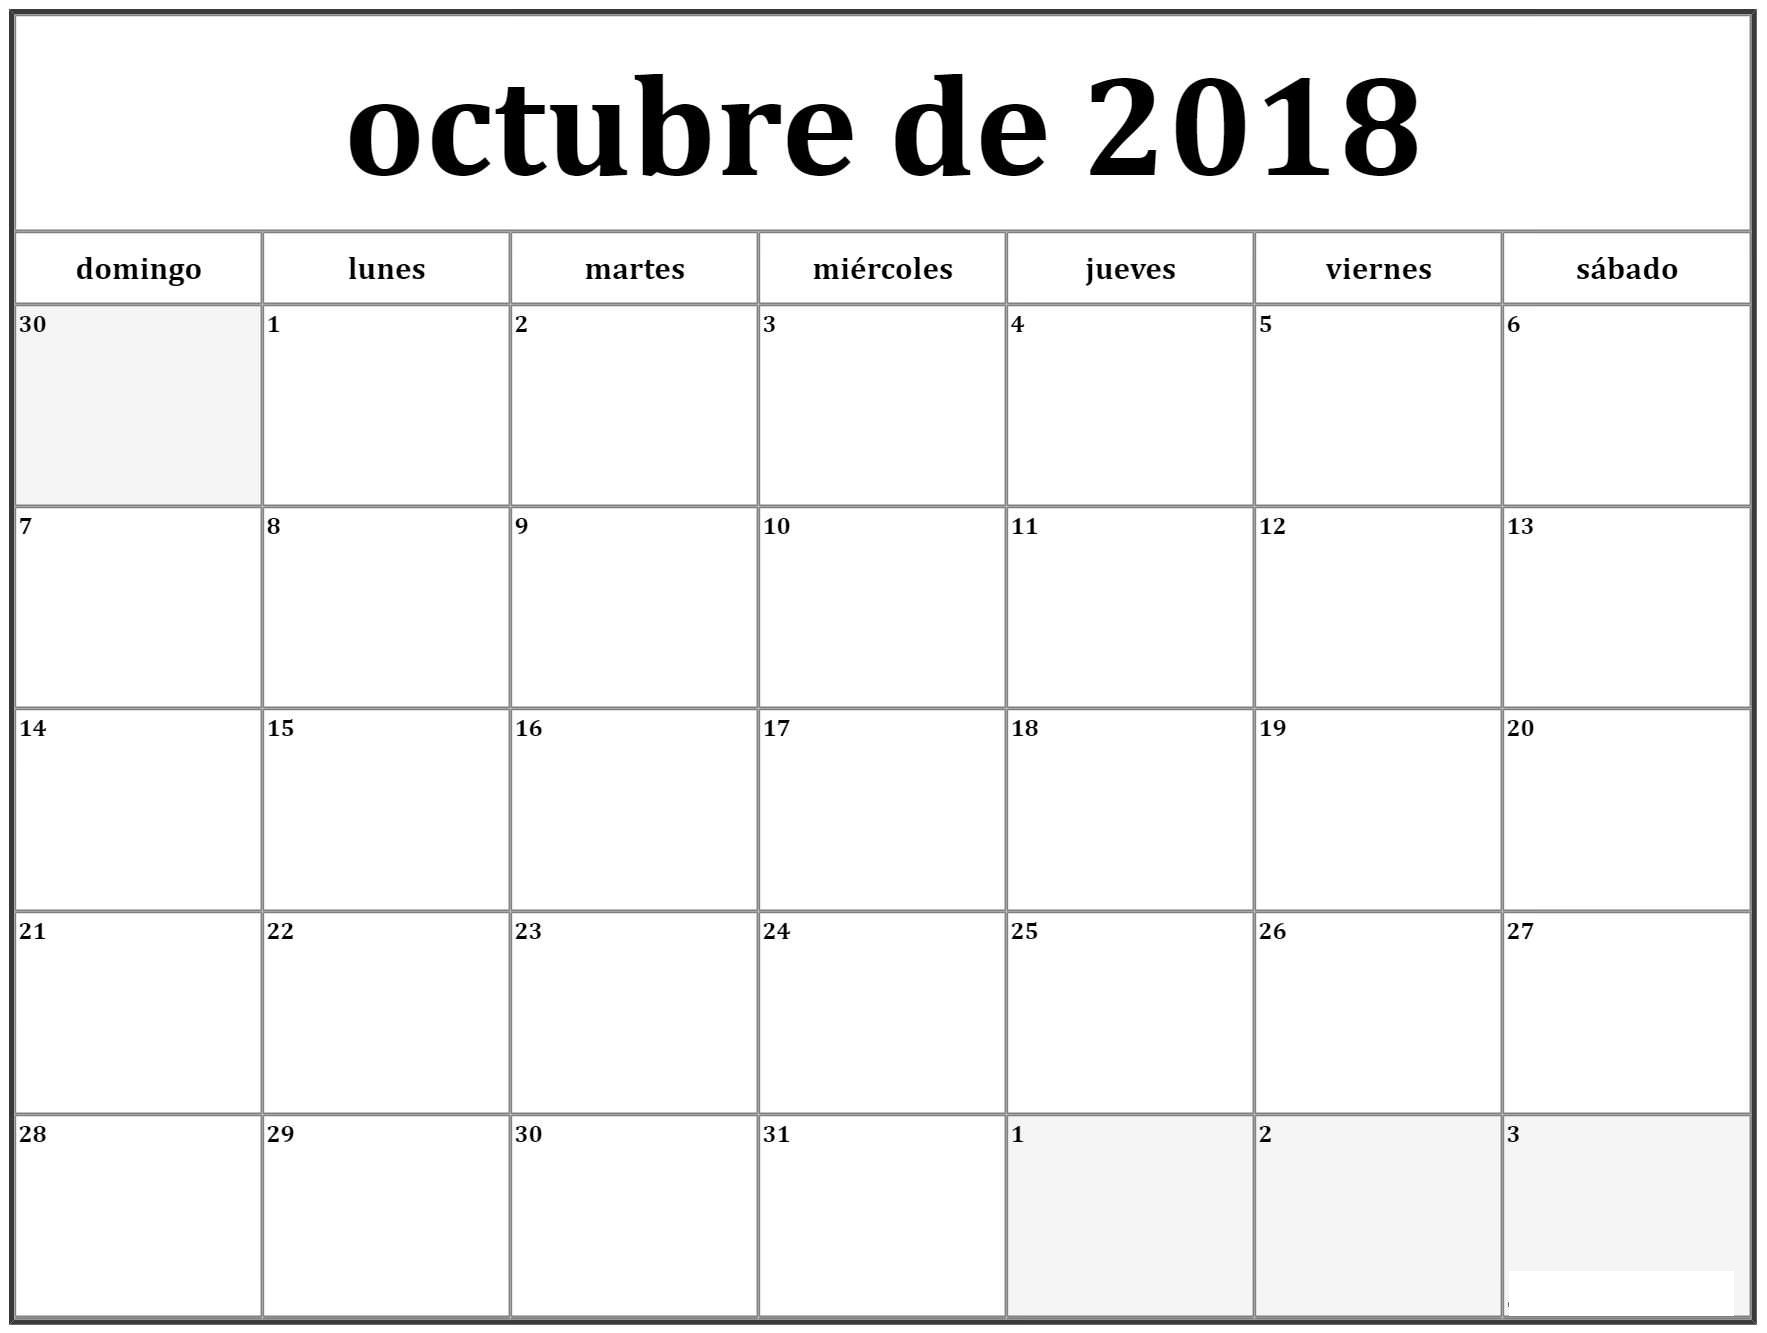 Mes noviembre 2018 descarga Octubre Calendario 2018 Argentina Dise±o Calendario Octubre 2018 Argentina